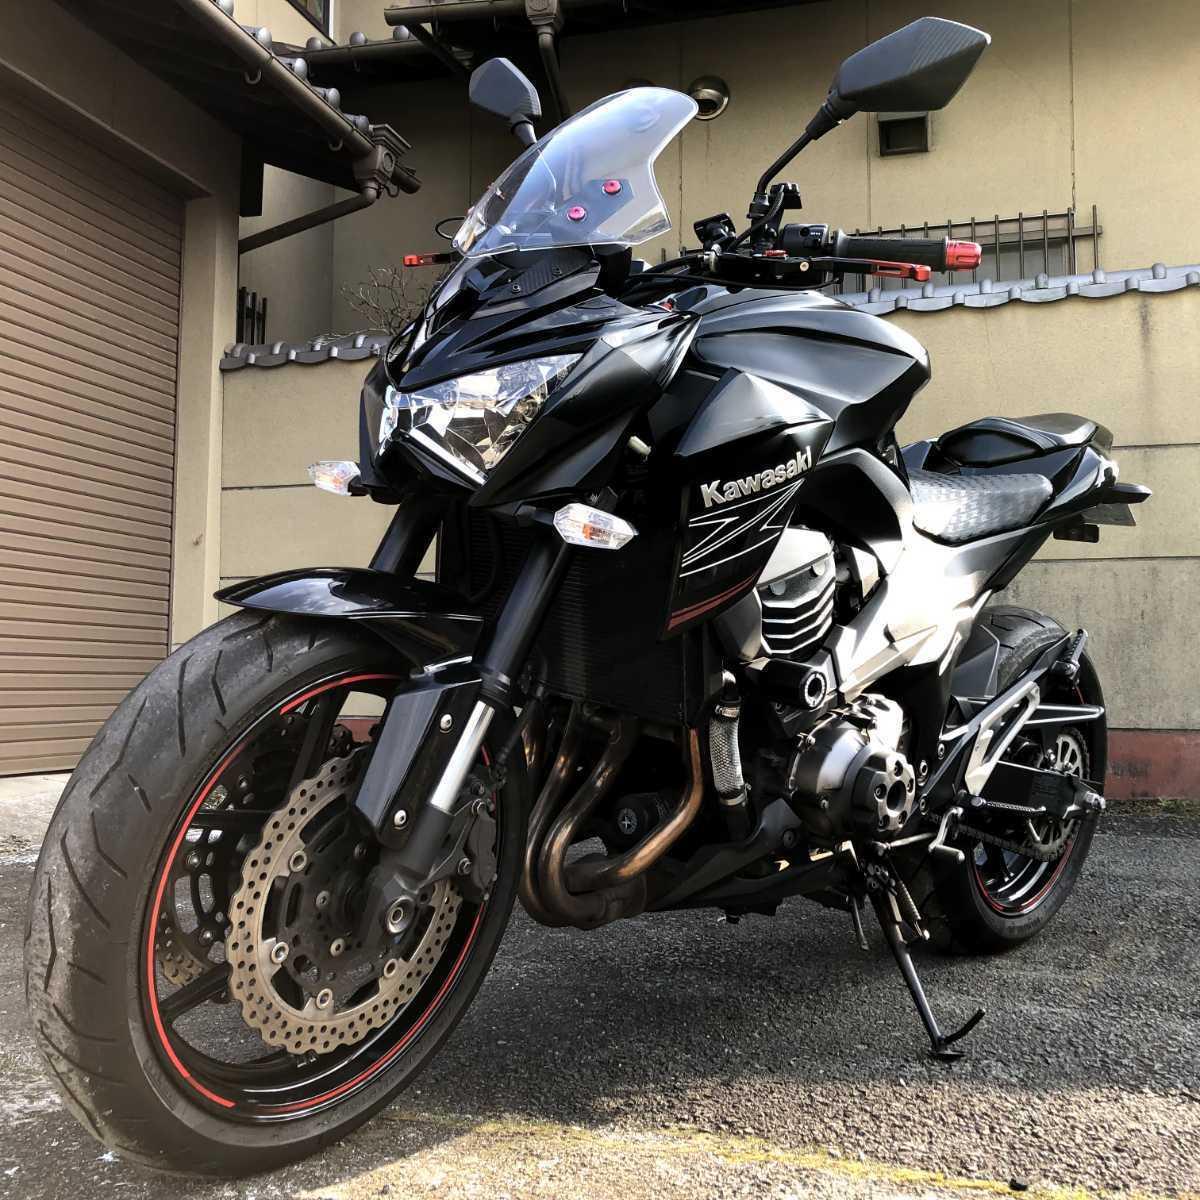 「カワサキ Z800 個人出品 消費税無 諸経費込 車検長R4/11 ガレージ保管 熊本 KAWASAKI」の画像1